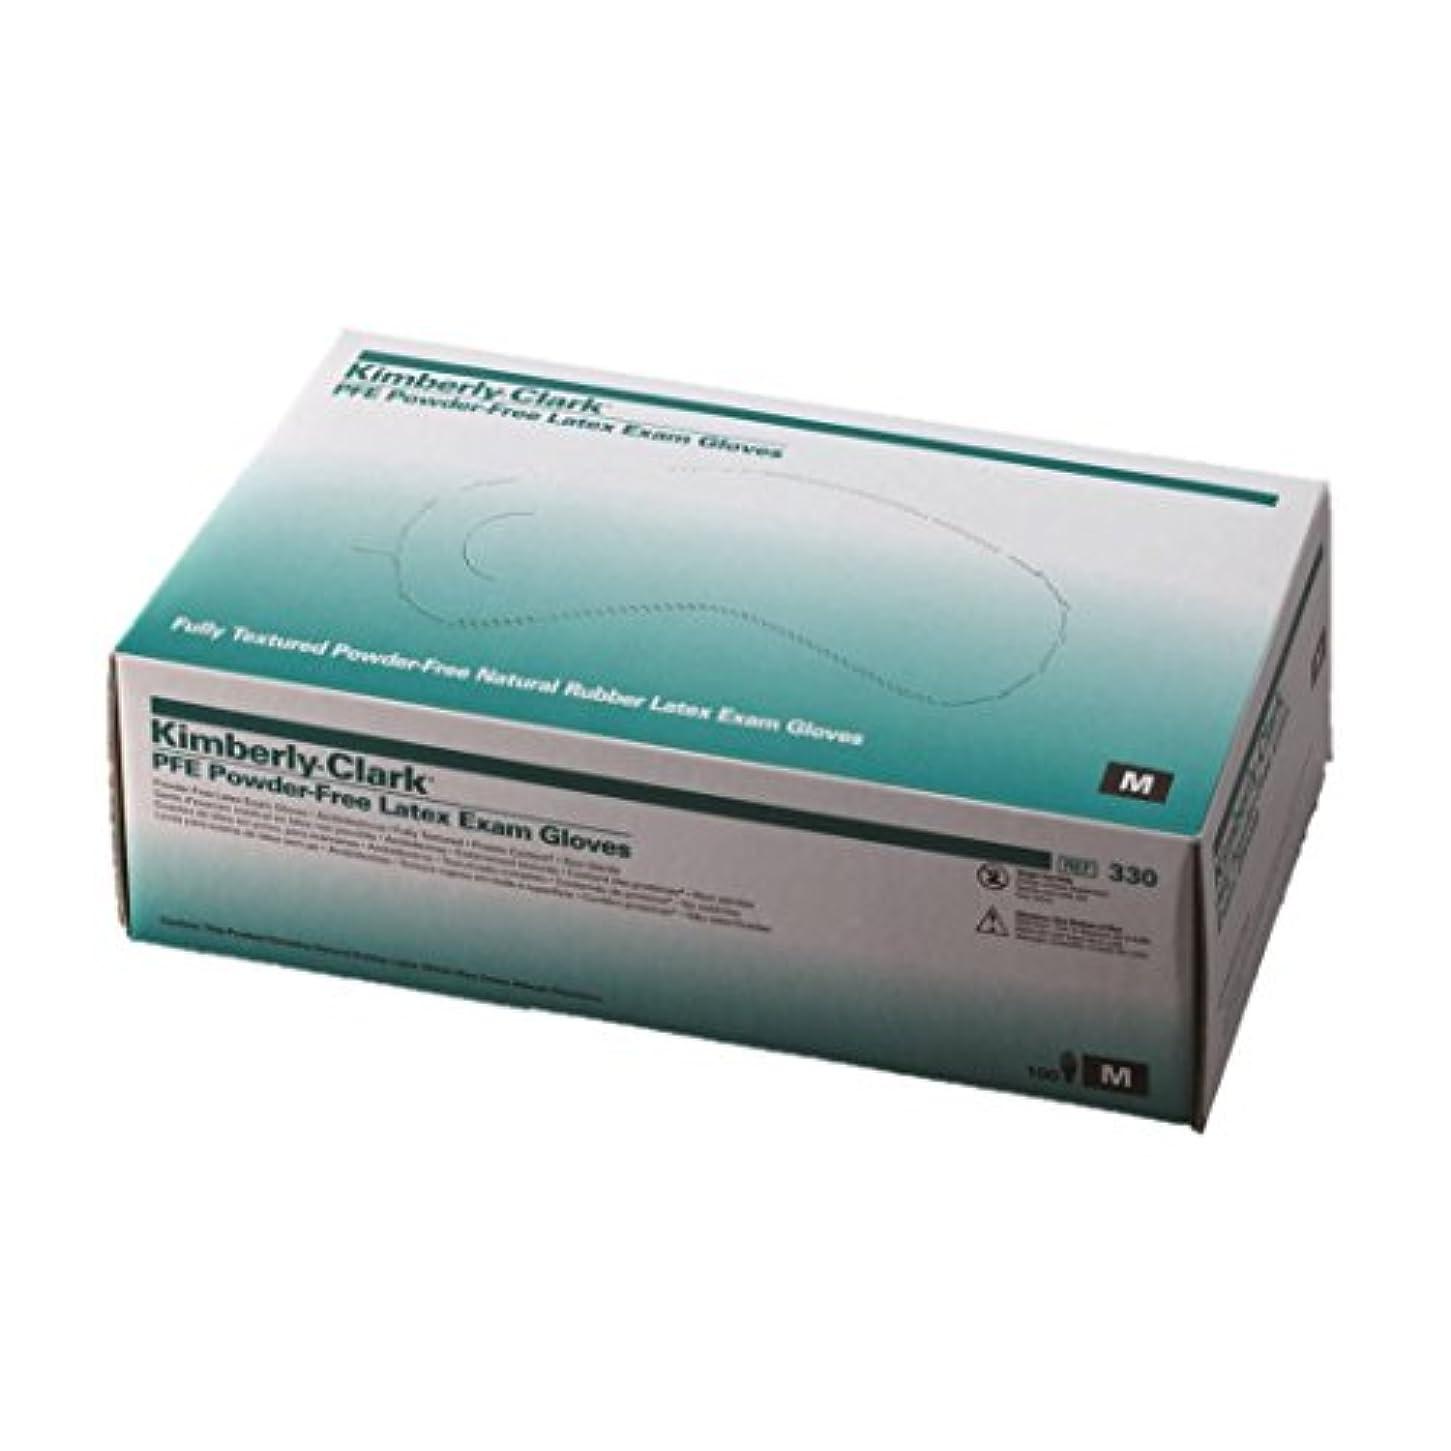 マージシート有害なラテックスグローブ(PFE) 10 箱